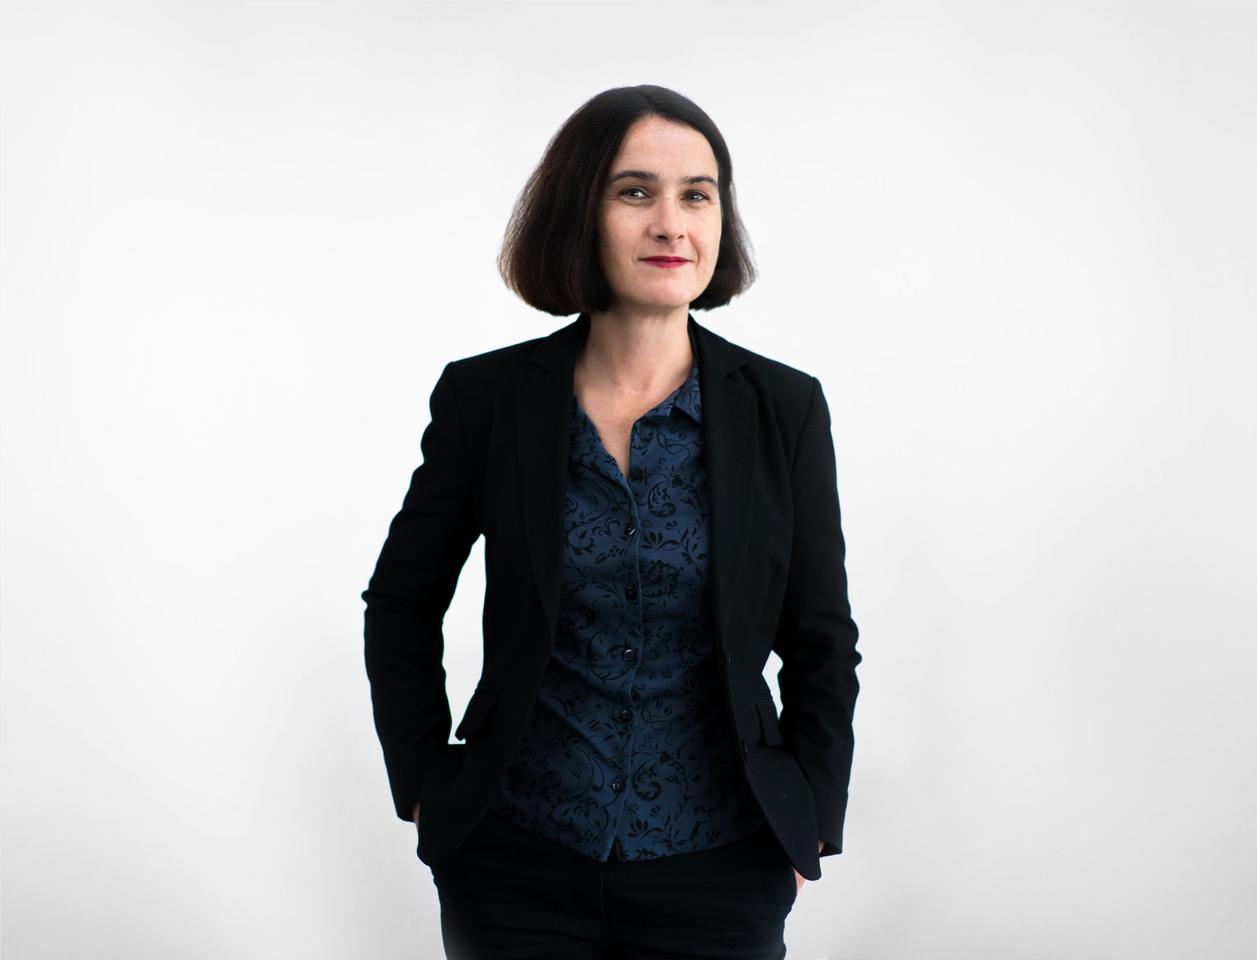 Julia Klingemann